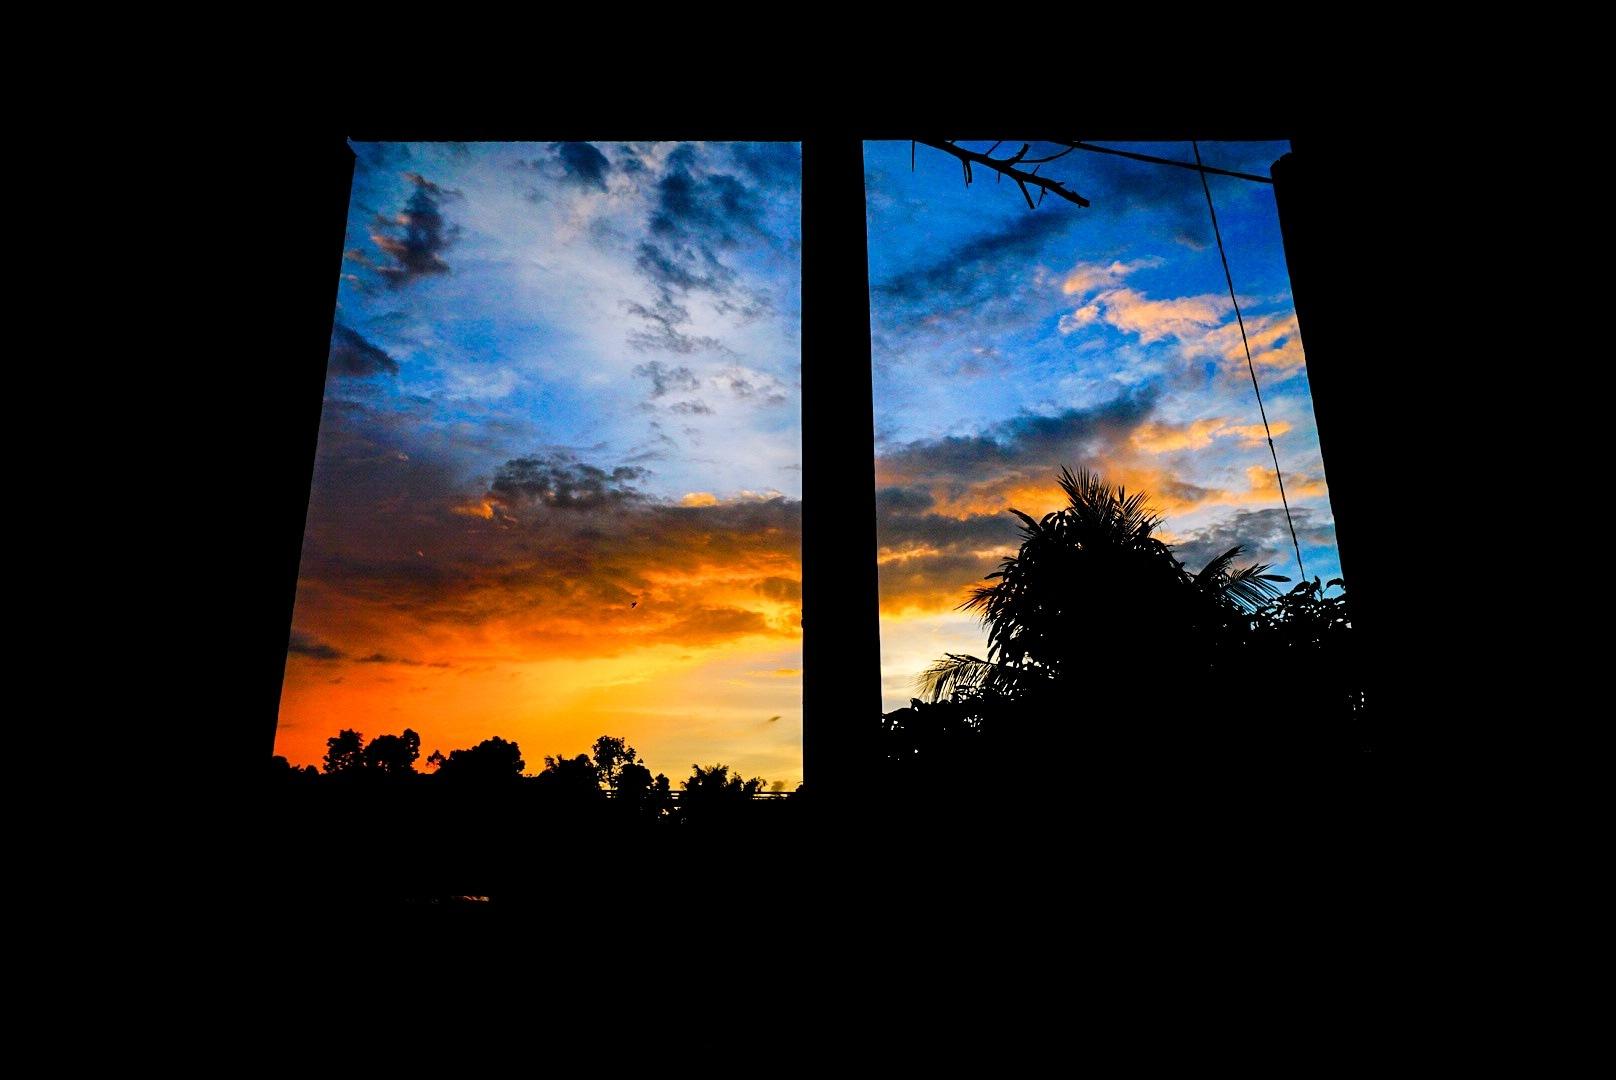 sunset by Aby MaNyu Hidayat